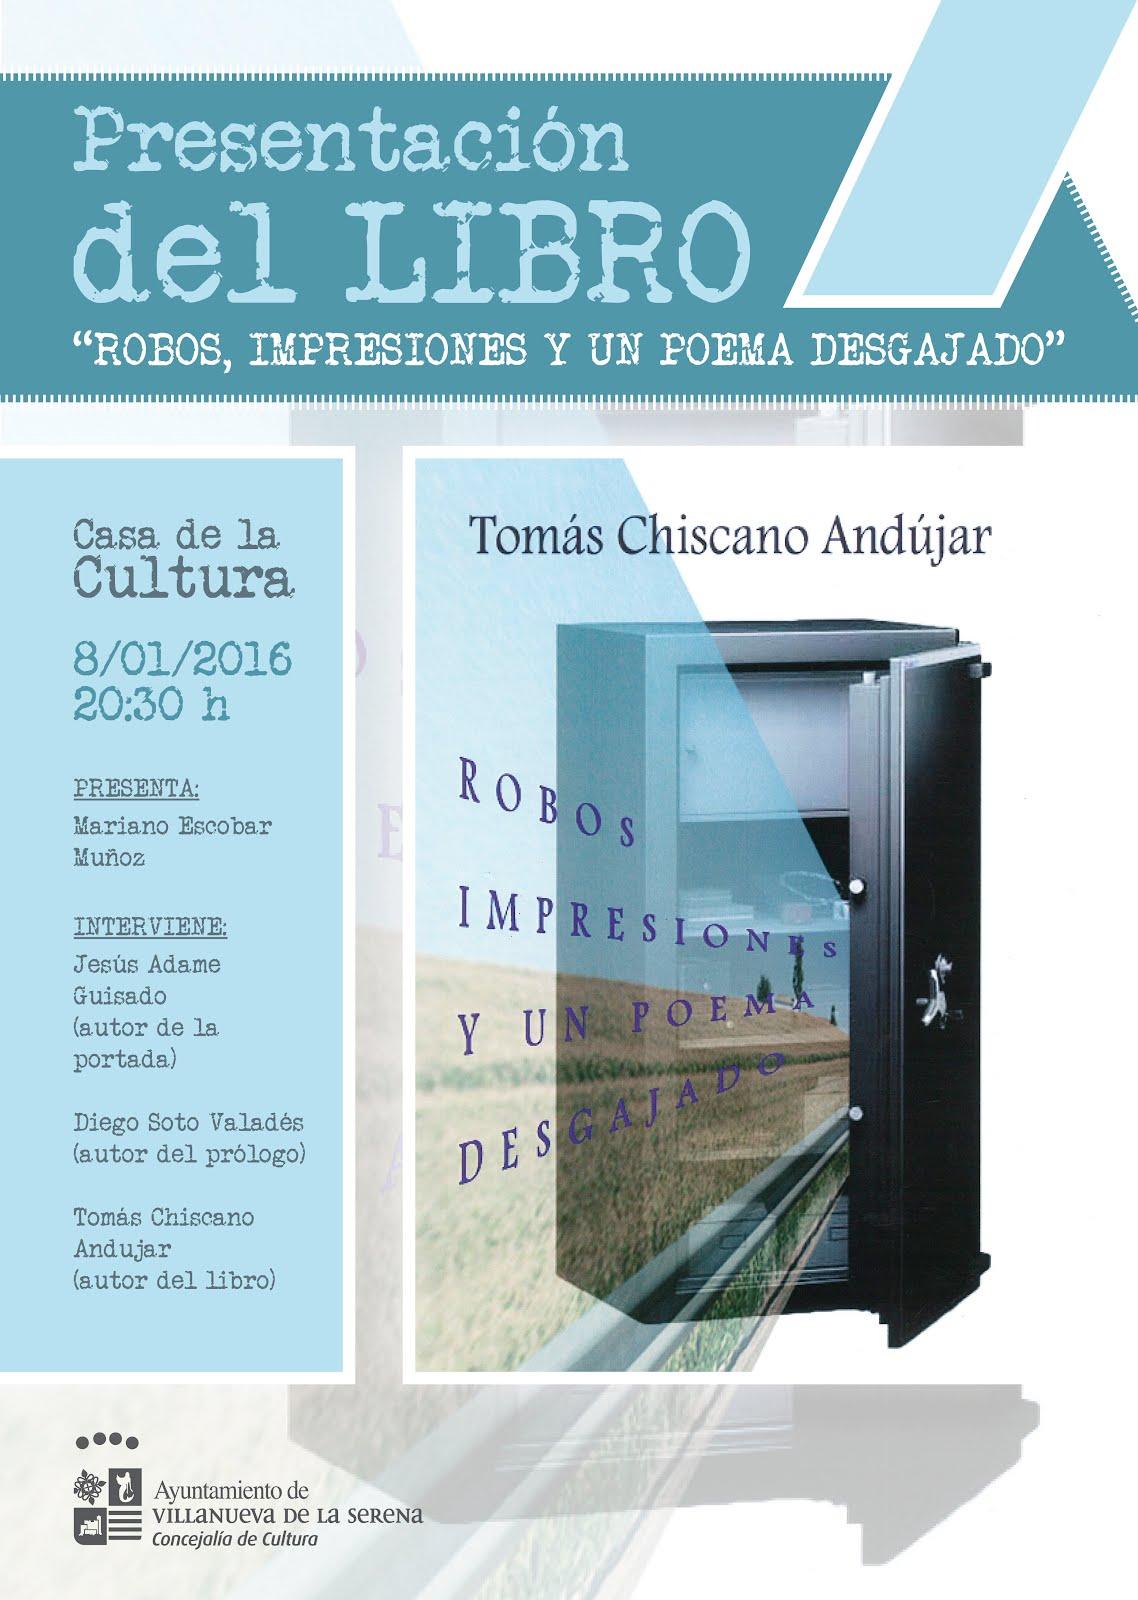 Presentación nuevo libro de Tomás Chiscano